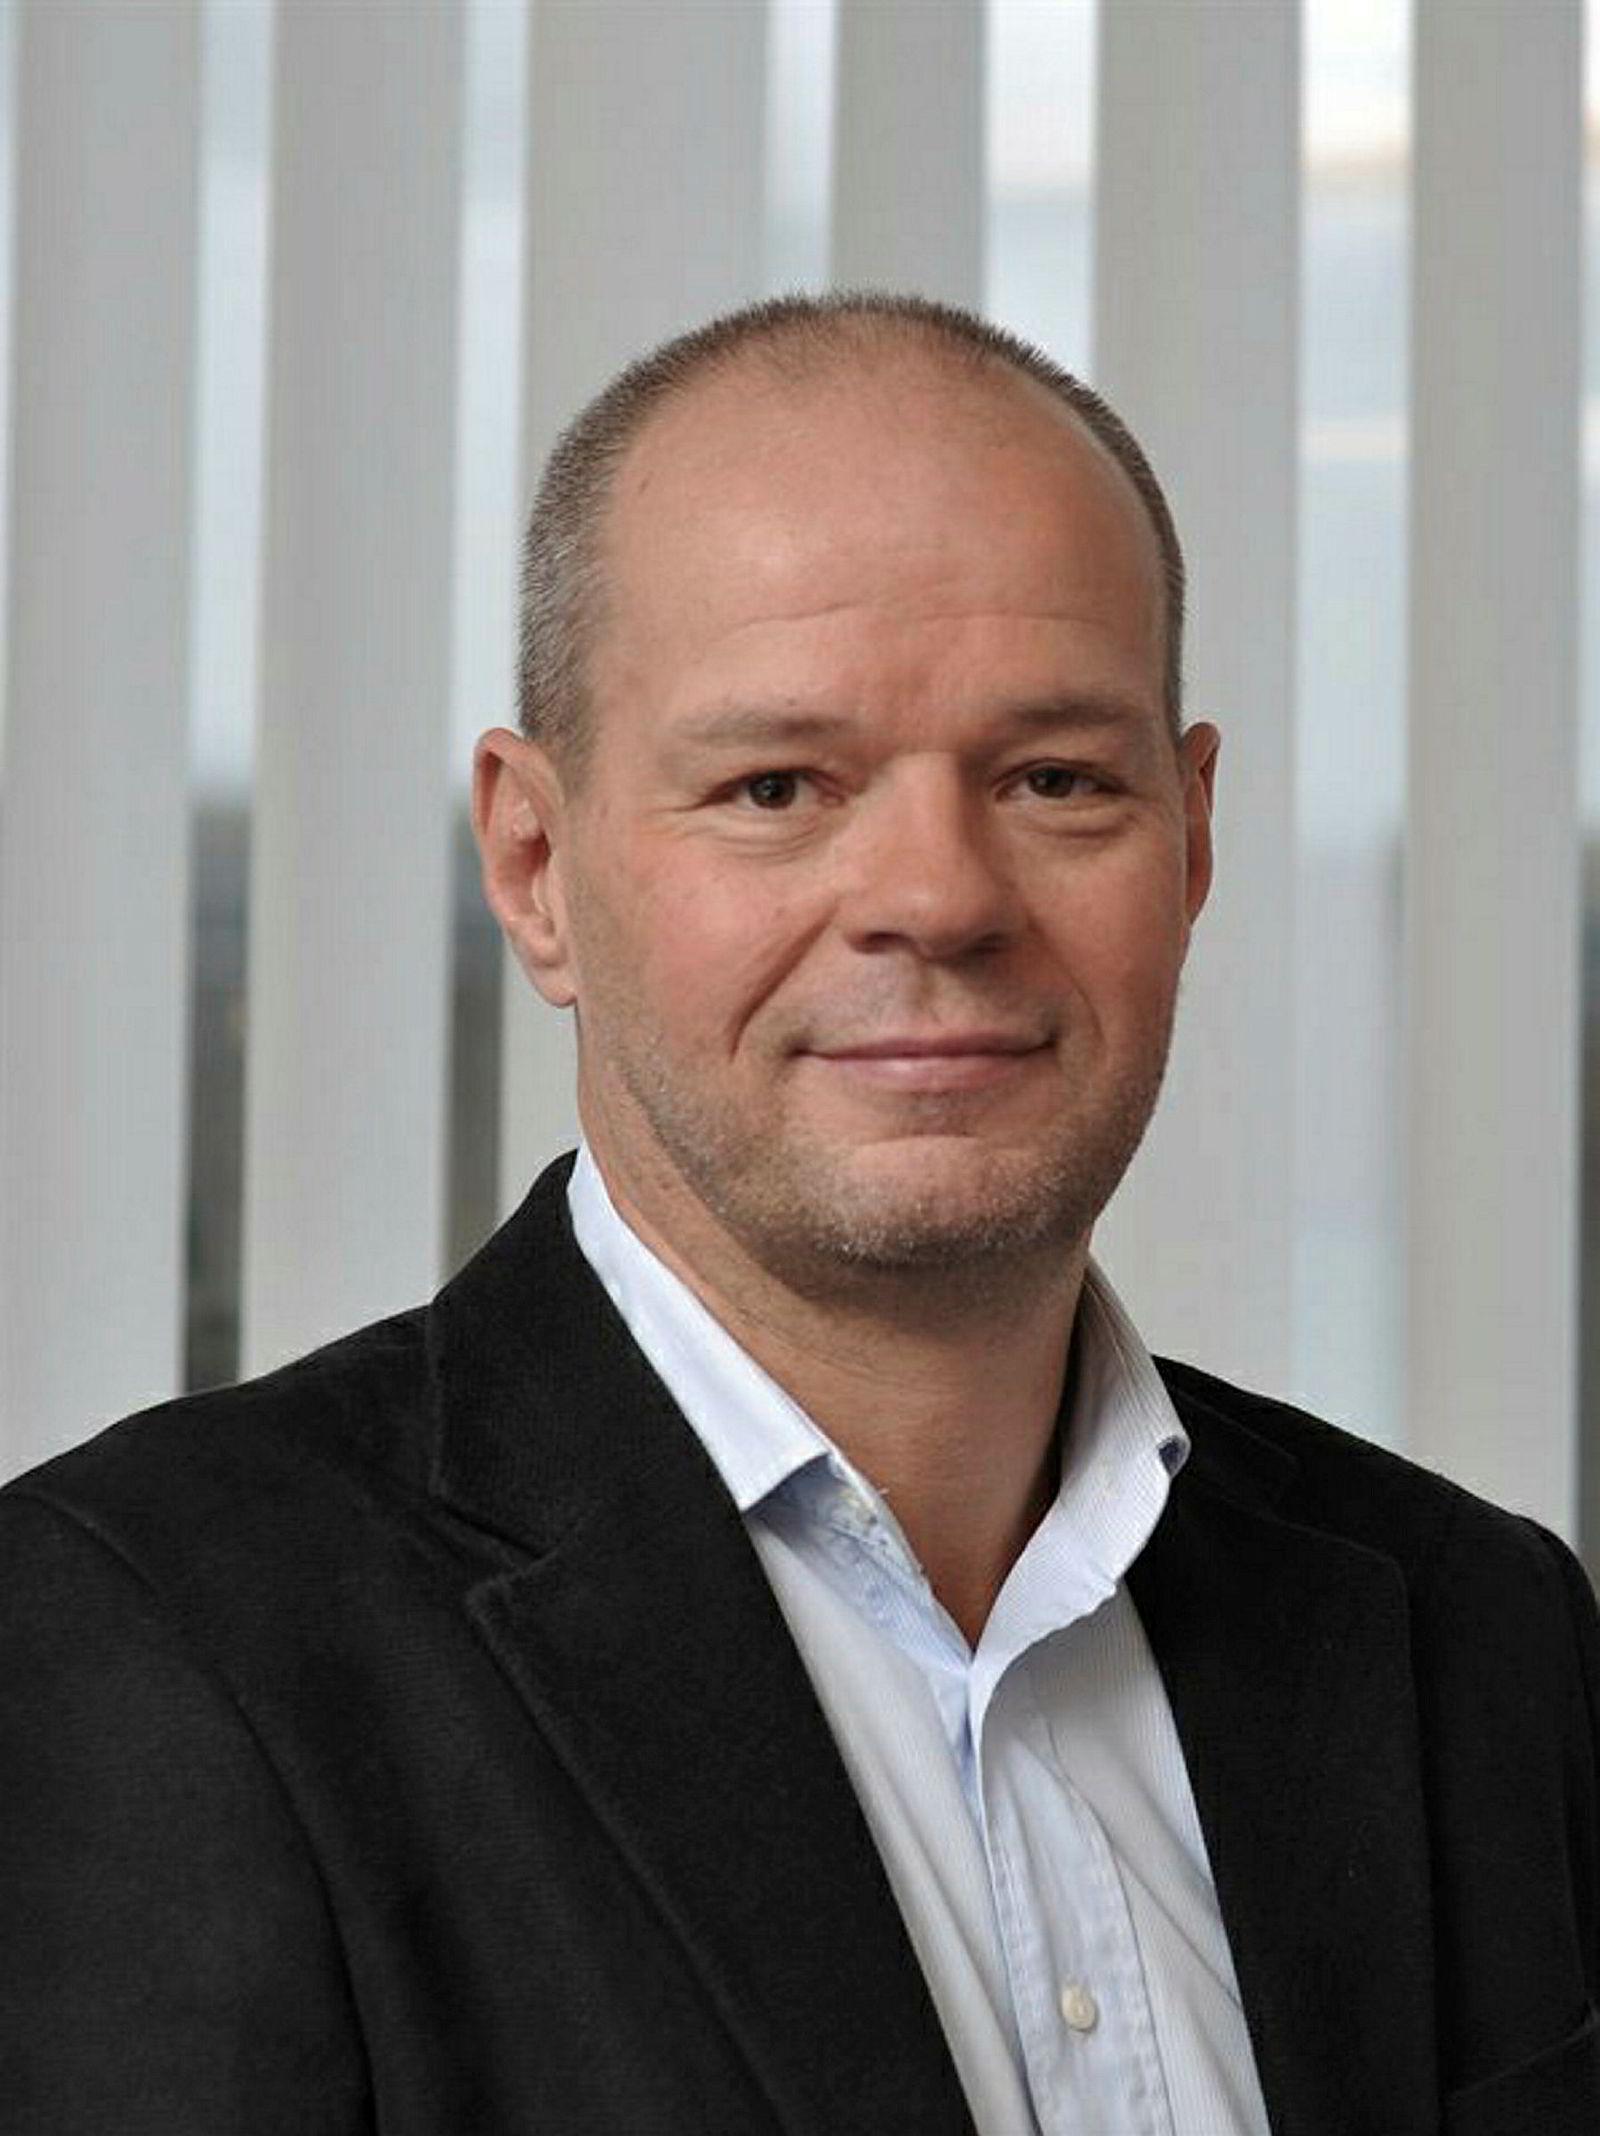 Teknologidirektør Morten Brurberg i Visma Consulting